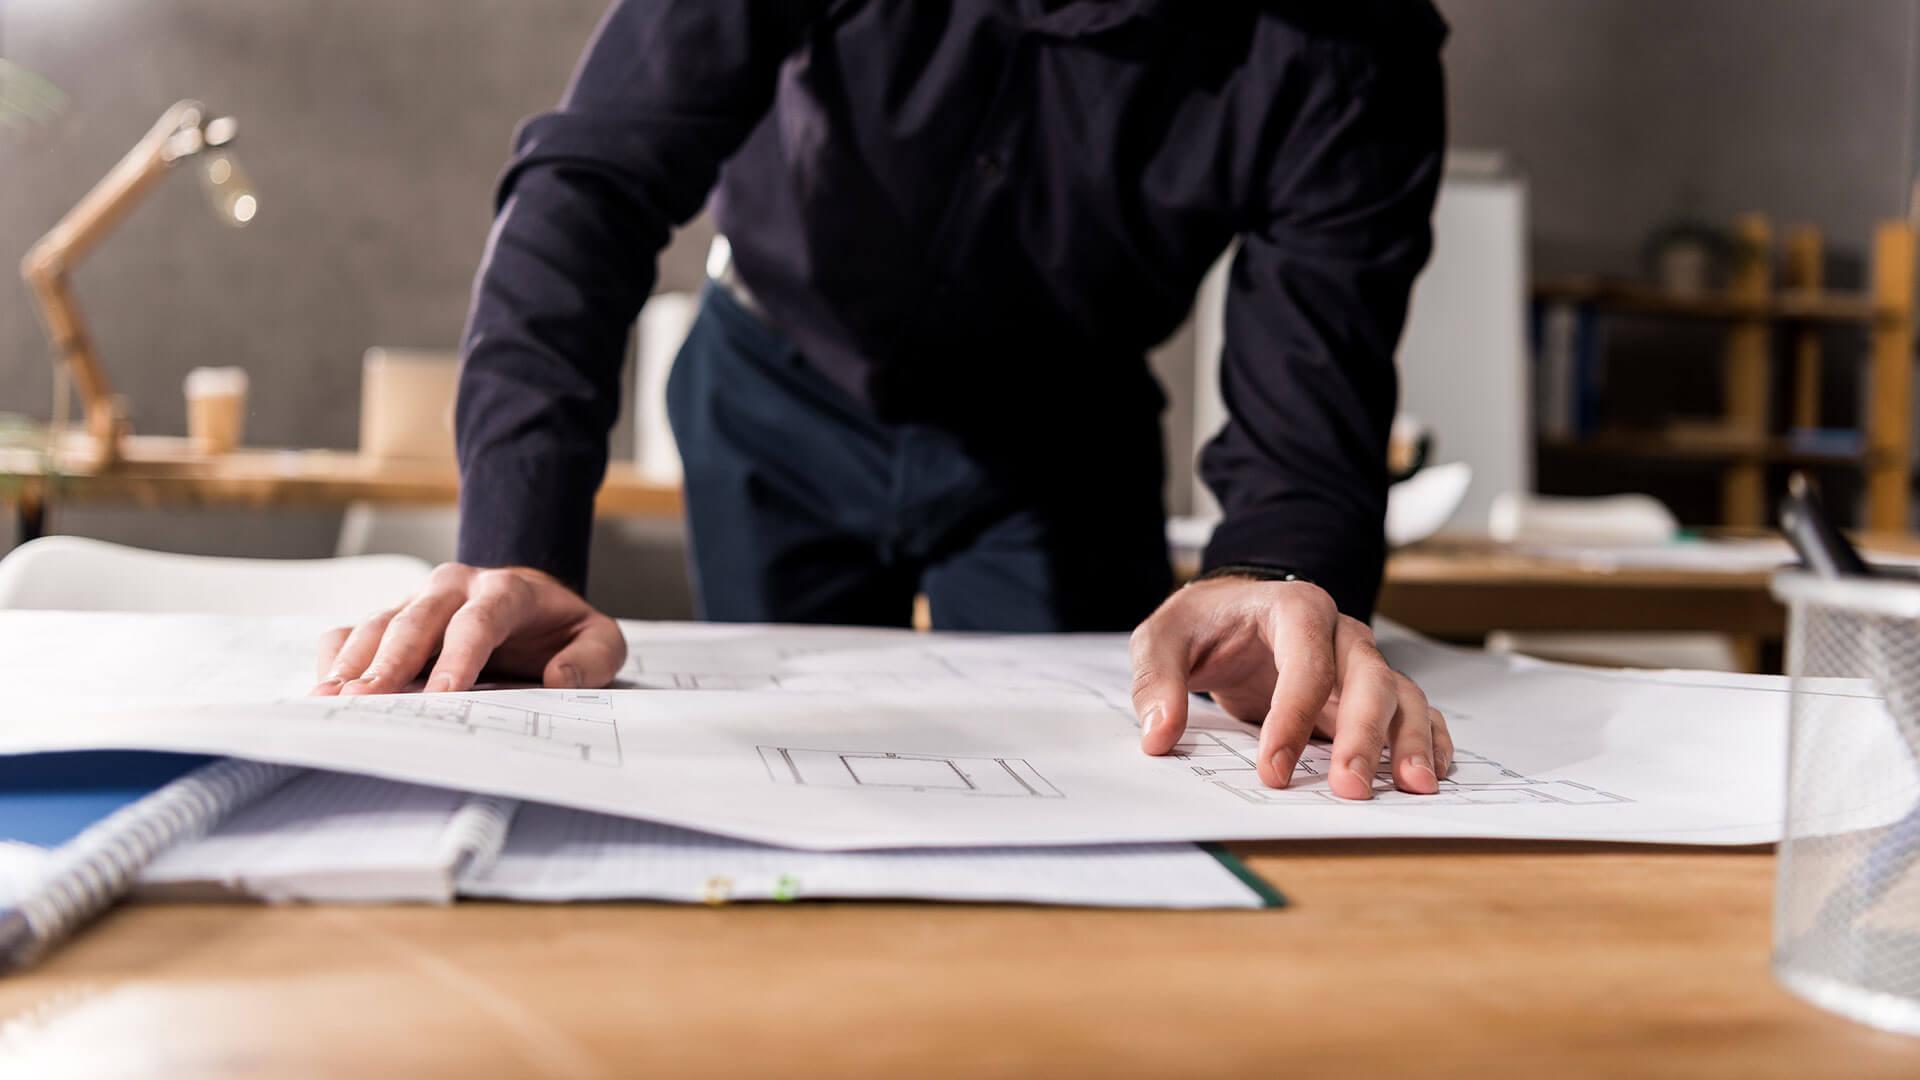 Utarbeidelse om søknad om tiltak Nabovarsler Opplysninger om tiltakets ytre rammer Koordinattabell Lokal godkjenning til kunde Kontrollere prosjektet i forhold til arealplan, lov og forskrift Utarbeide gjennomføringsplan Utarbeide beskrivelsesbrev, -selge prosjektet til kommunen Beregne utnyttelsesgraden for tiltaket/eiendommen